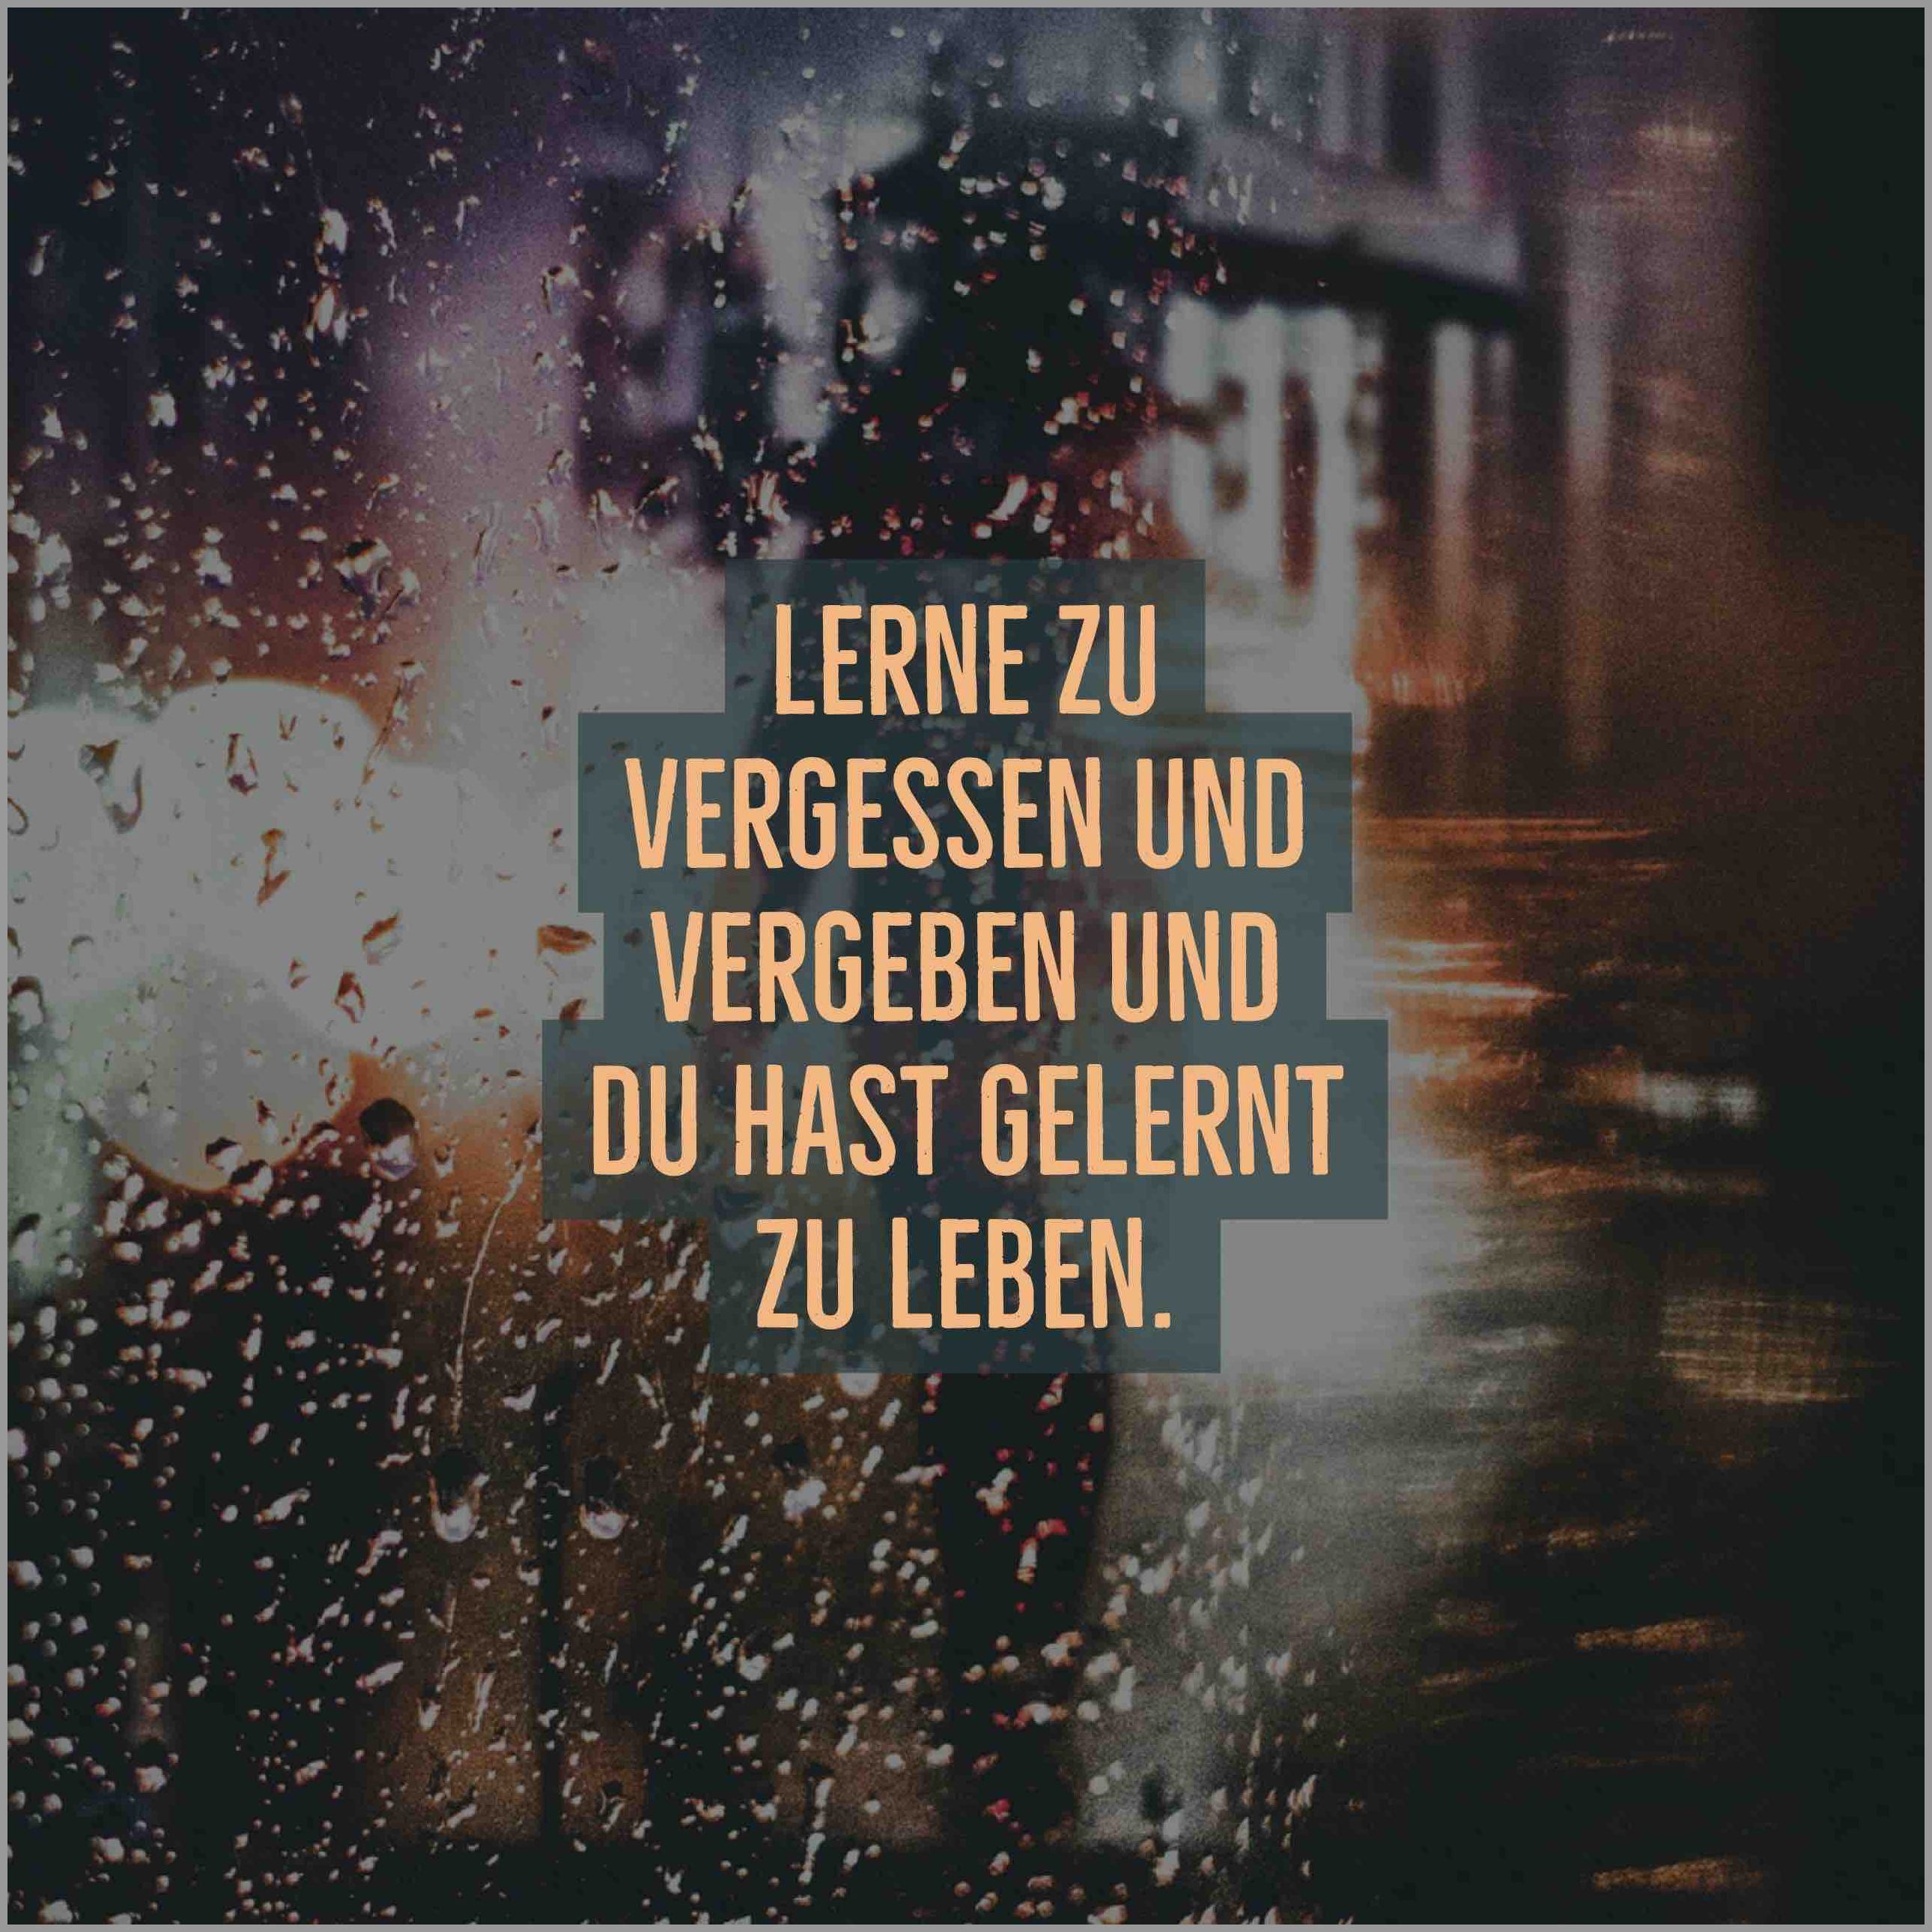 Lerne zu vergessen und vergeben und du hast gelernt zu leben - Lerne zu vergessen und vergeben und du hast gelernt zu leben